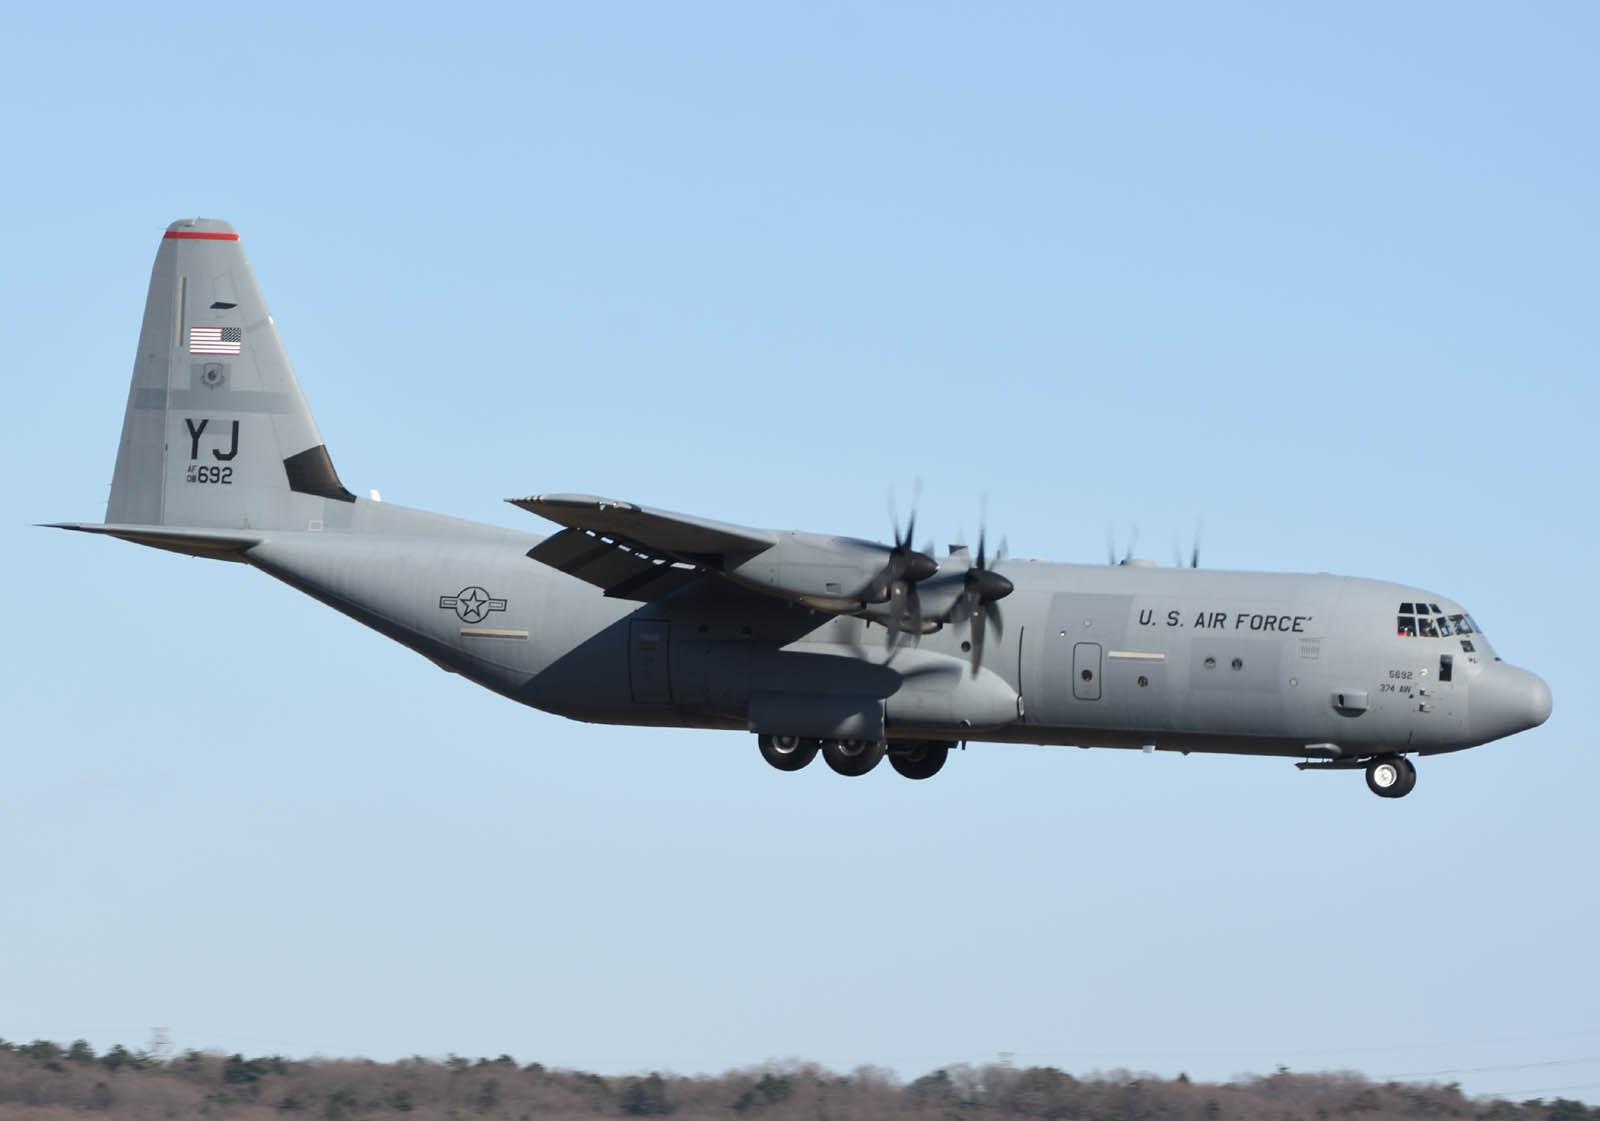 Fwd: 1月10日 C-17A , C-130J-30